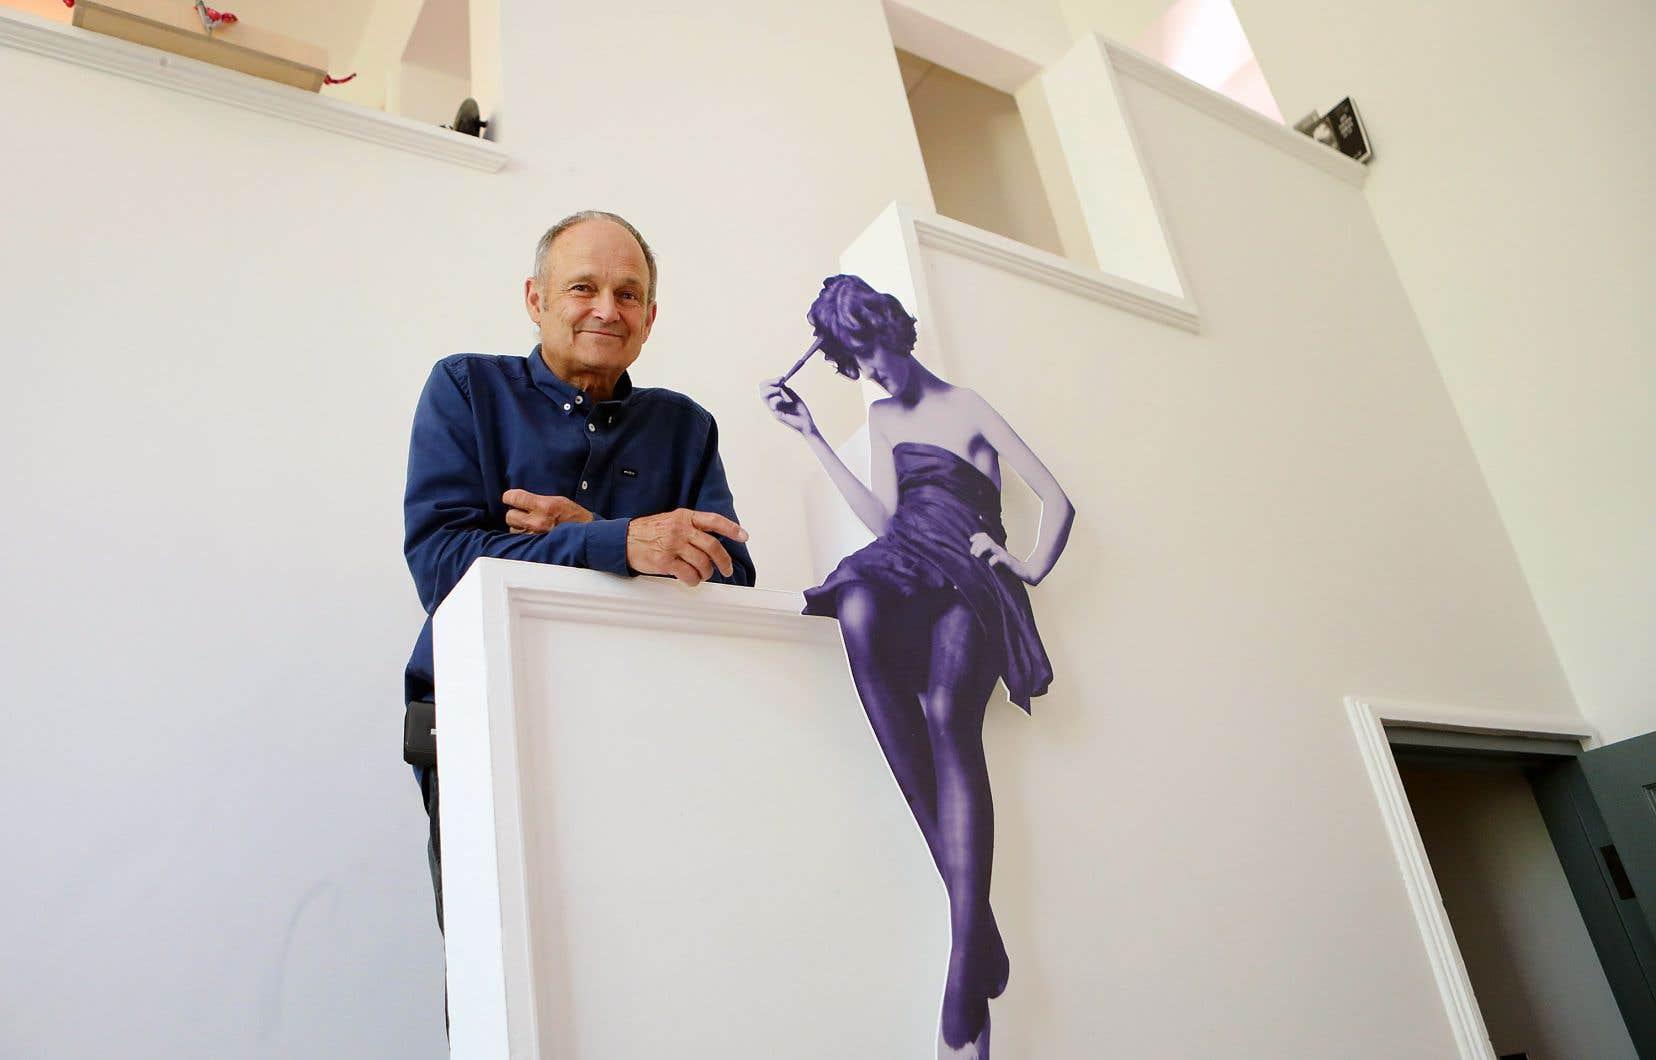 Propriétaire du studio Ernest-Cormier, Luc Lachapelle estime qu'il a le droit d'utiliser l'immeuble comme lieu de résidence. Une affiche de Clorinthe Perron, conjointe d'Ernest Cormier, orne l'un des murs de l'atelier.